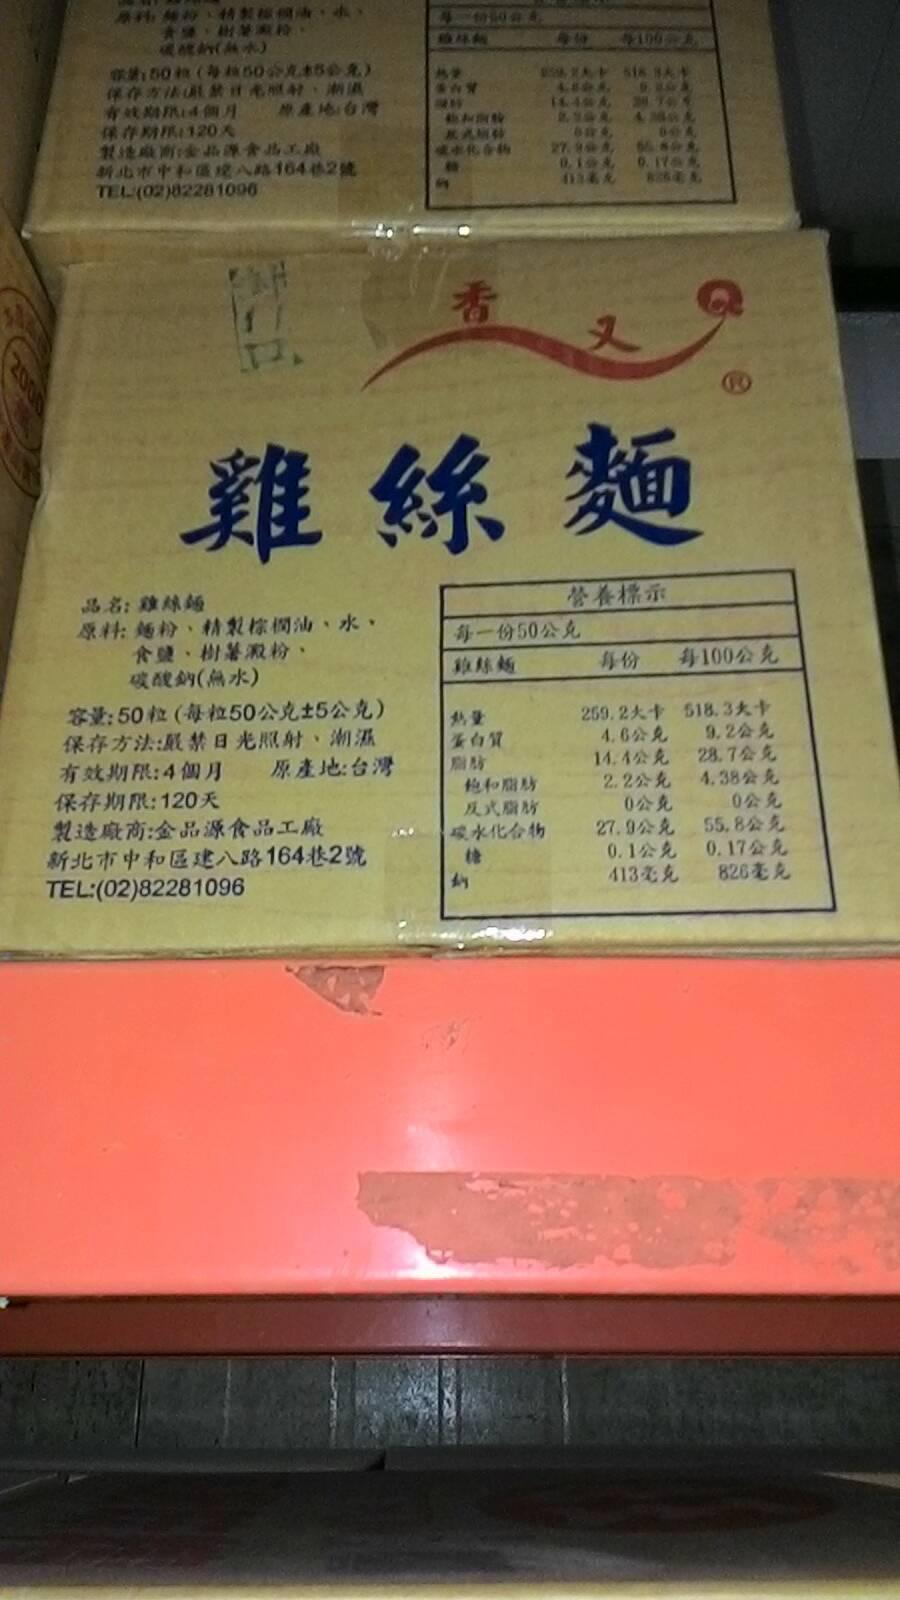 雞絲麵 50包/箱 無調味包 (整箱出貨 毎單只能寄—箱) 320元/箱 另售 鍋燒